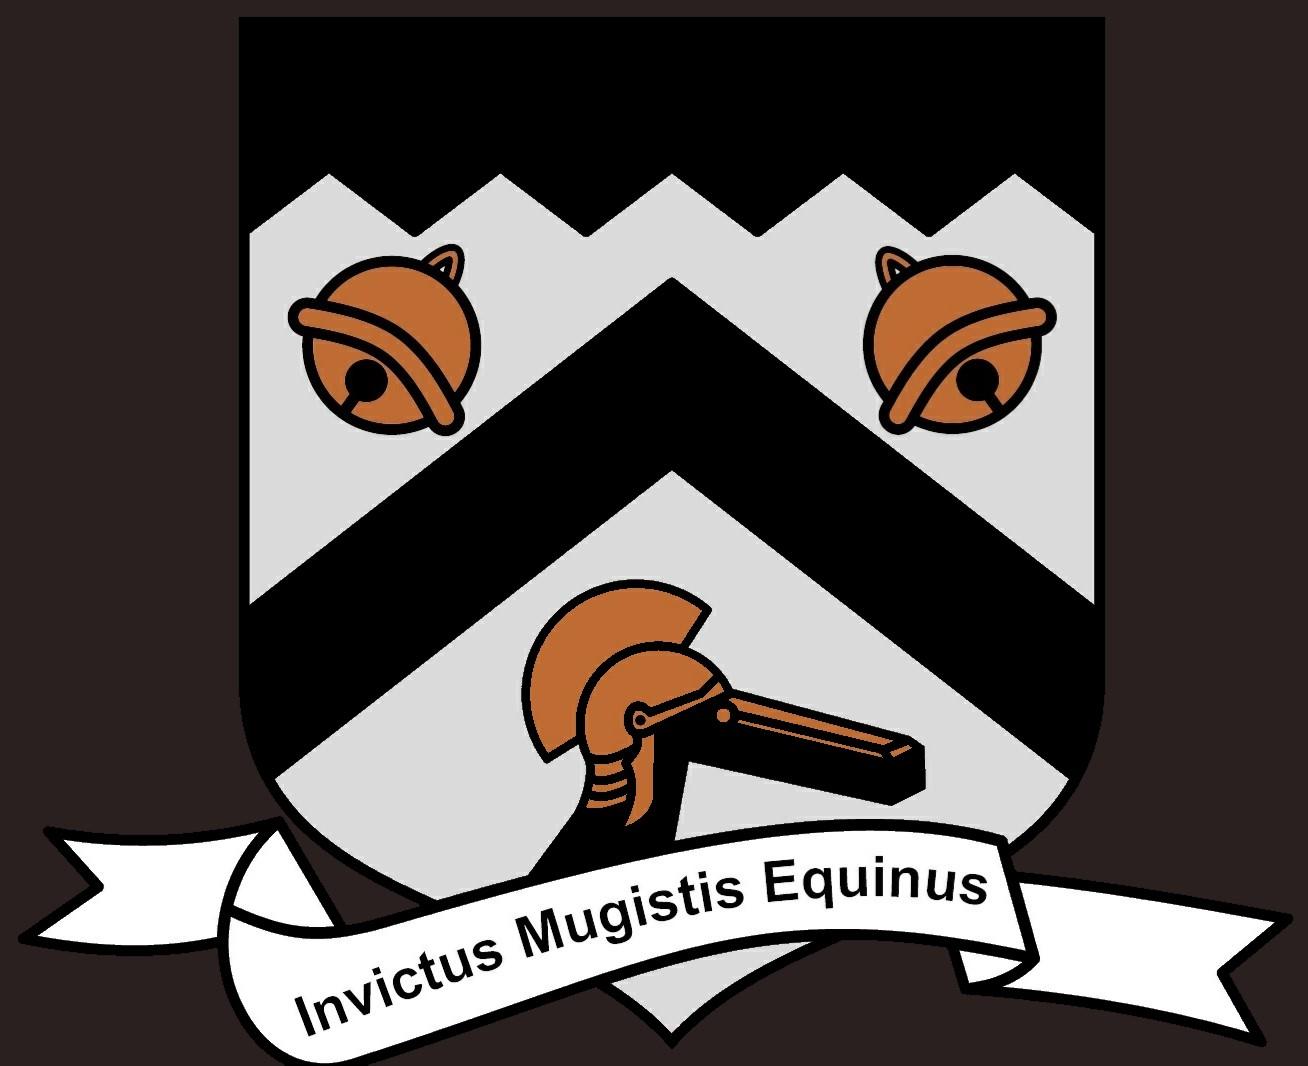 Invictus Mugistis Equinus